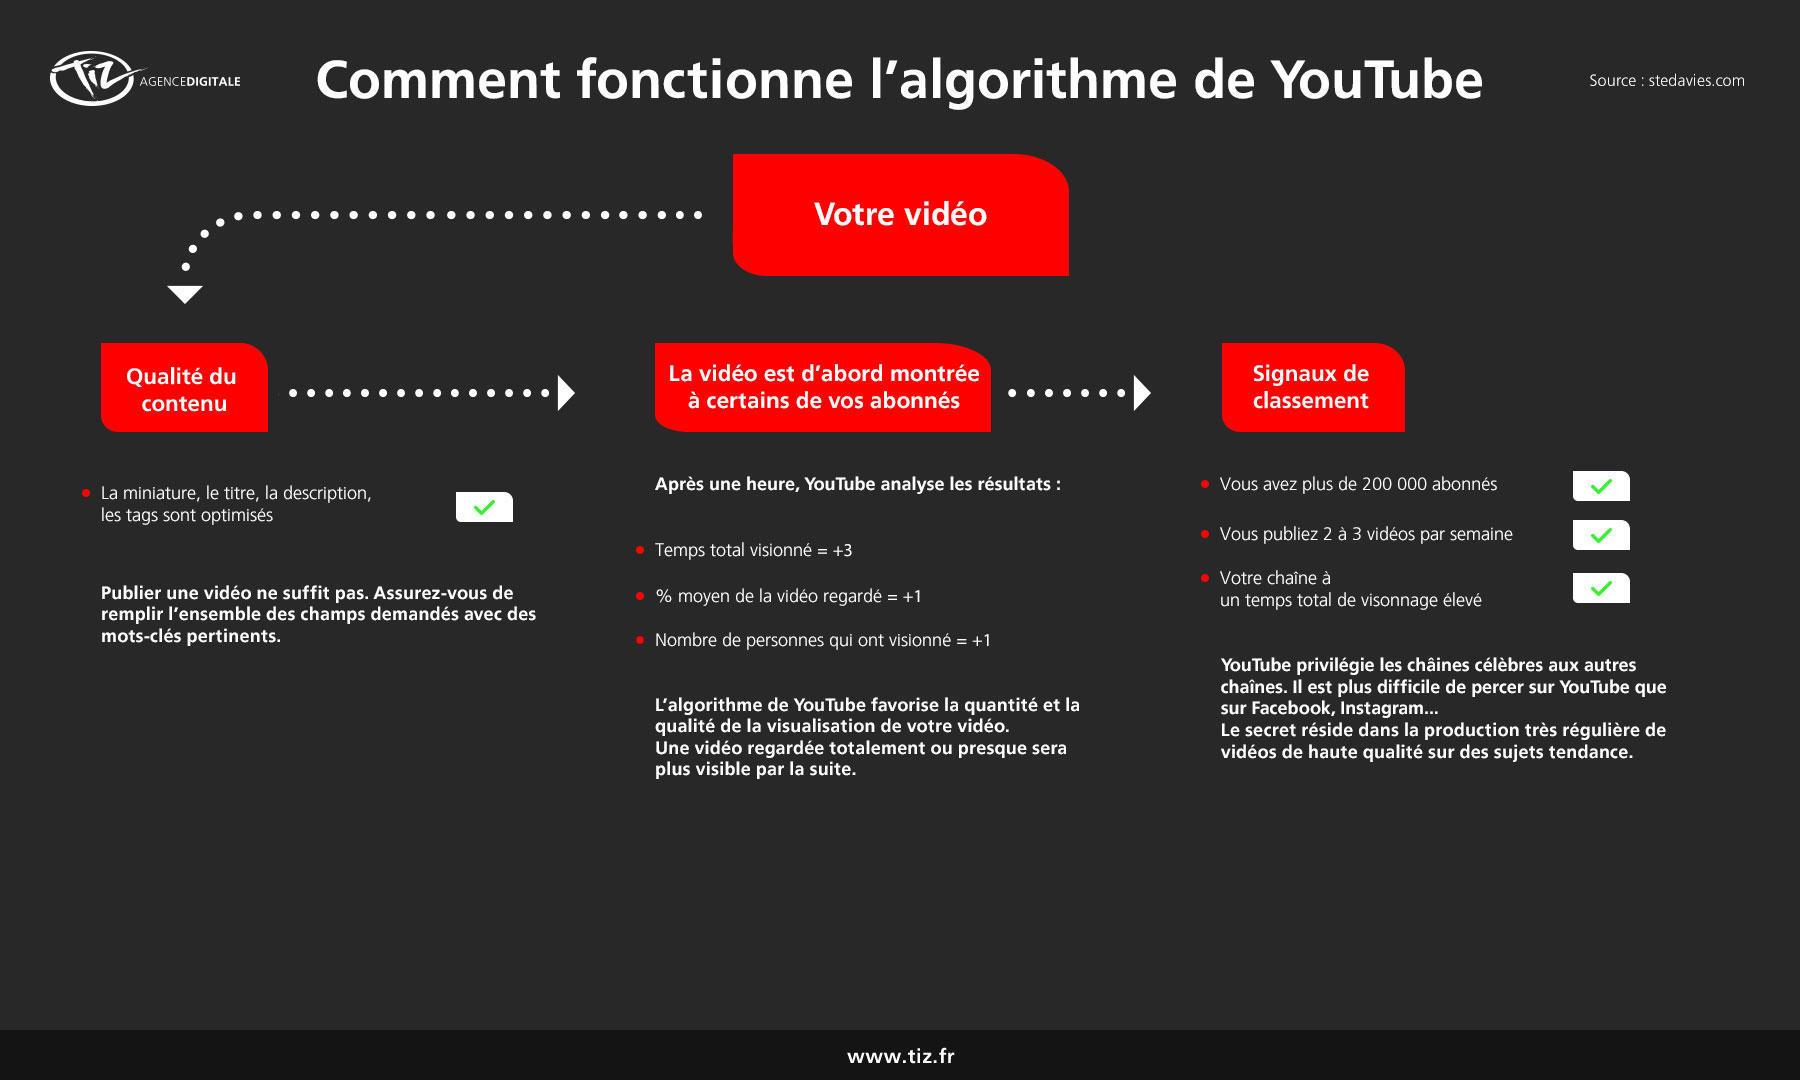 Schéma de l'algorithme de YouTube